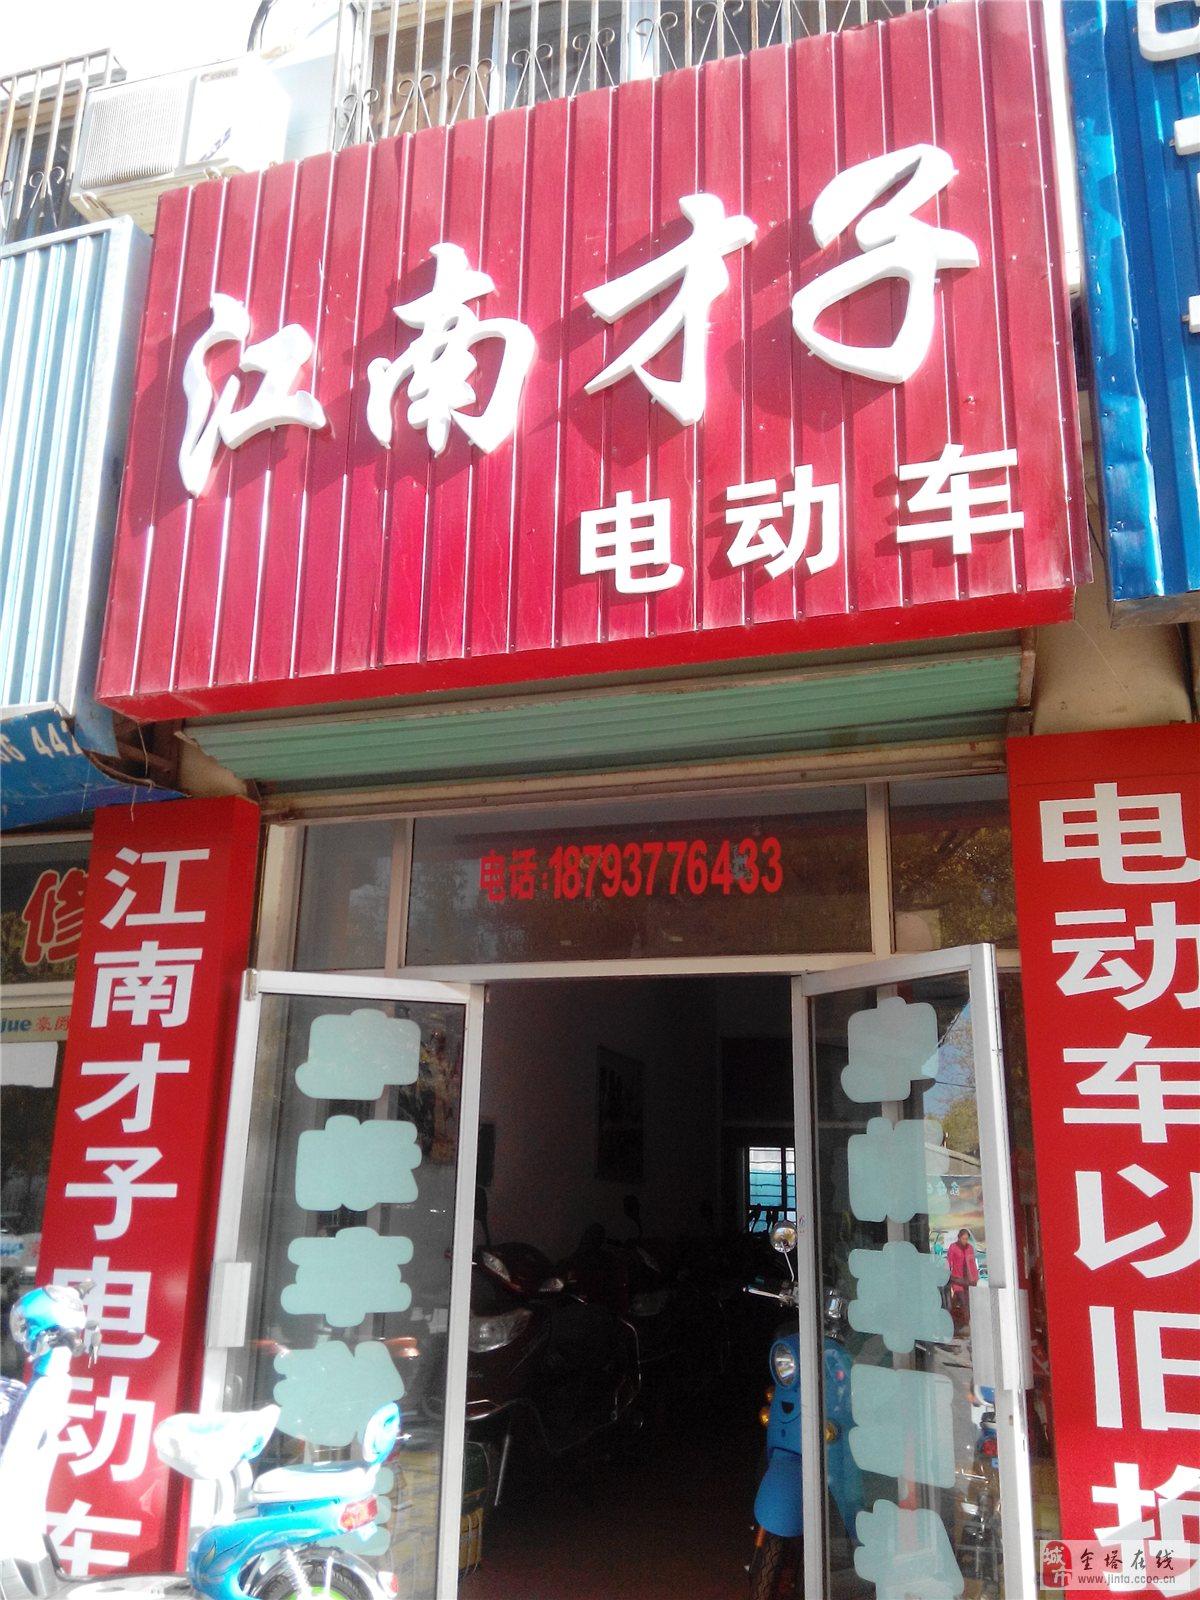 江南才子电动车 公示公告高清图片